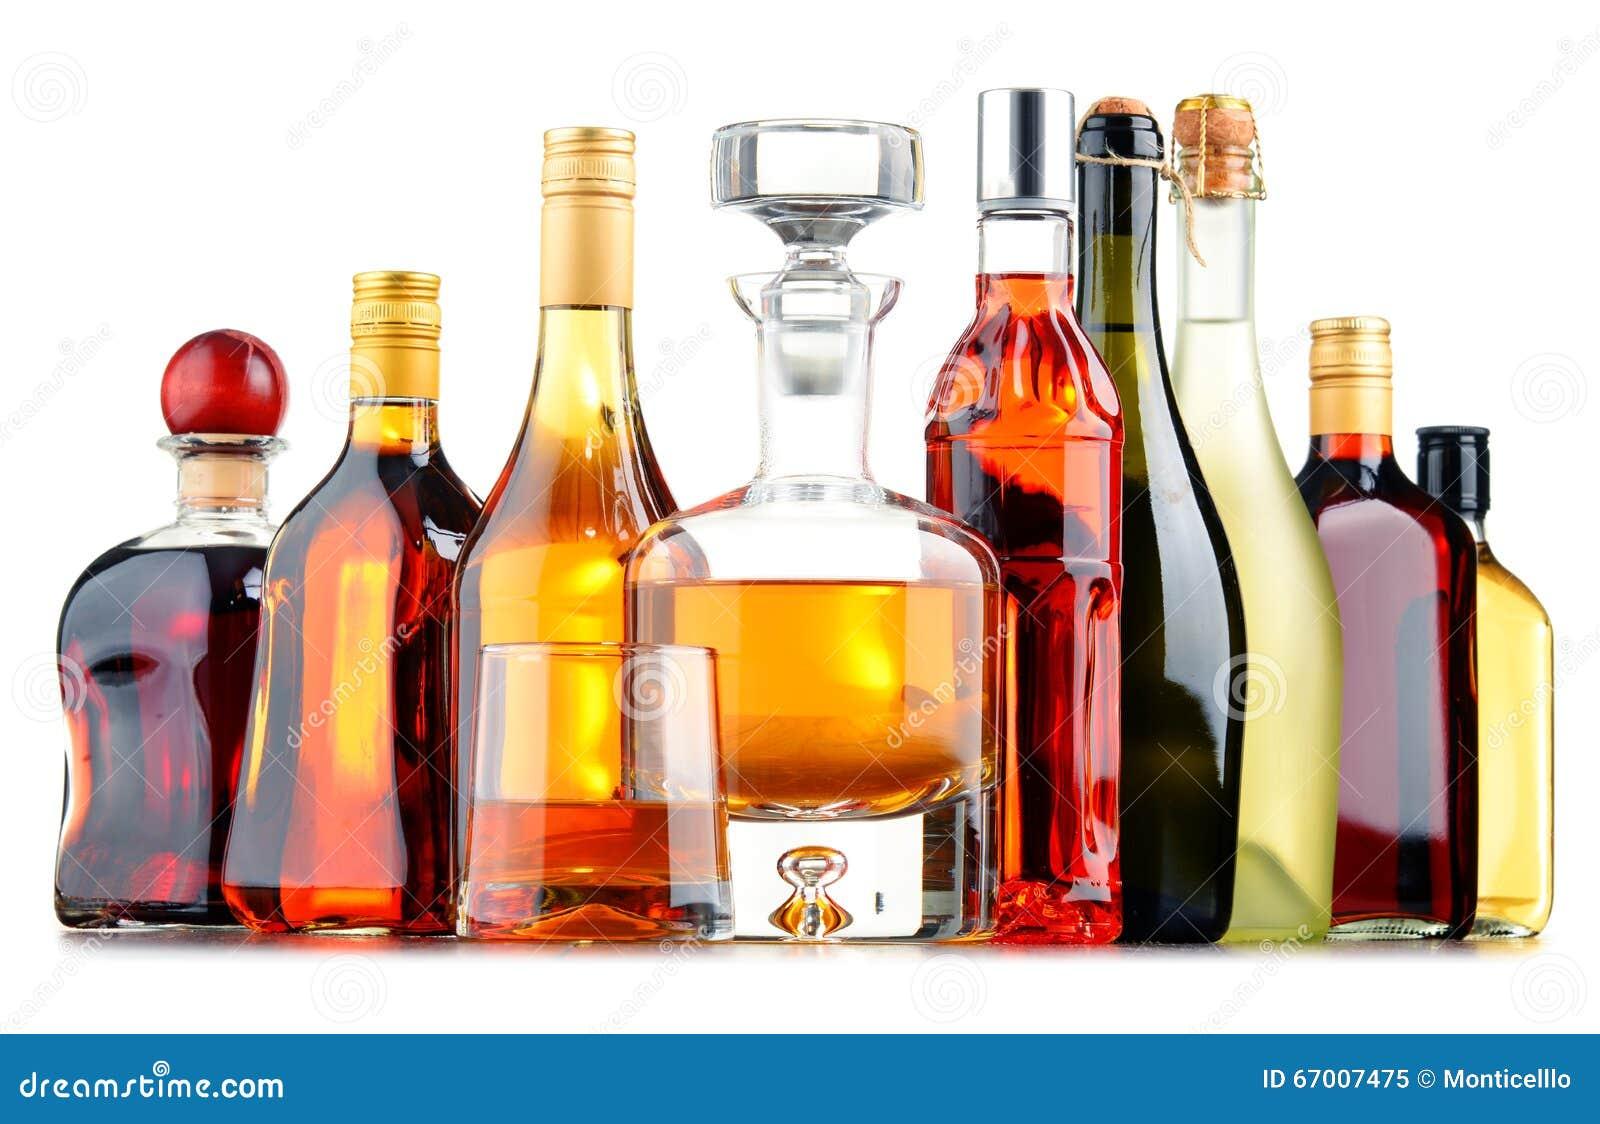 Flaschen Sortierte Alkoholische Getränke Stockbild - Bild von glas ...